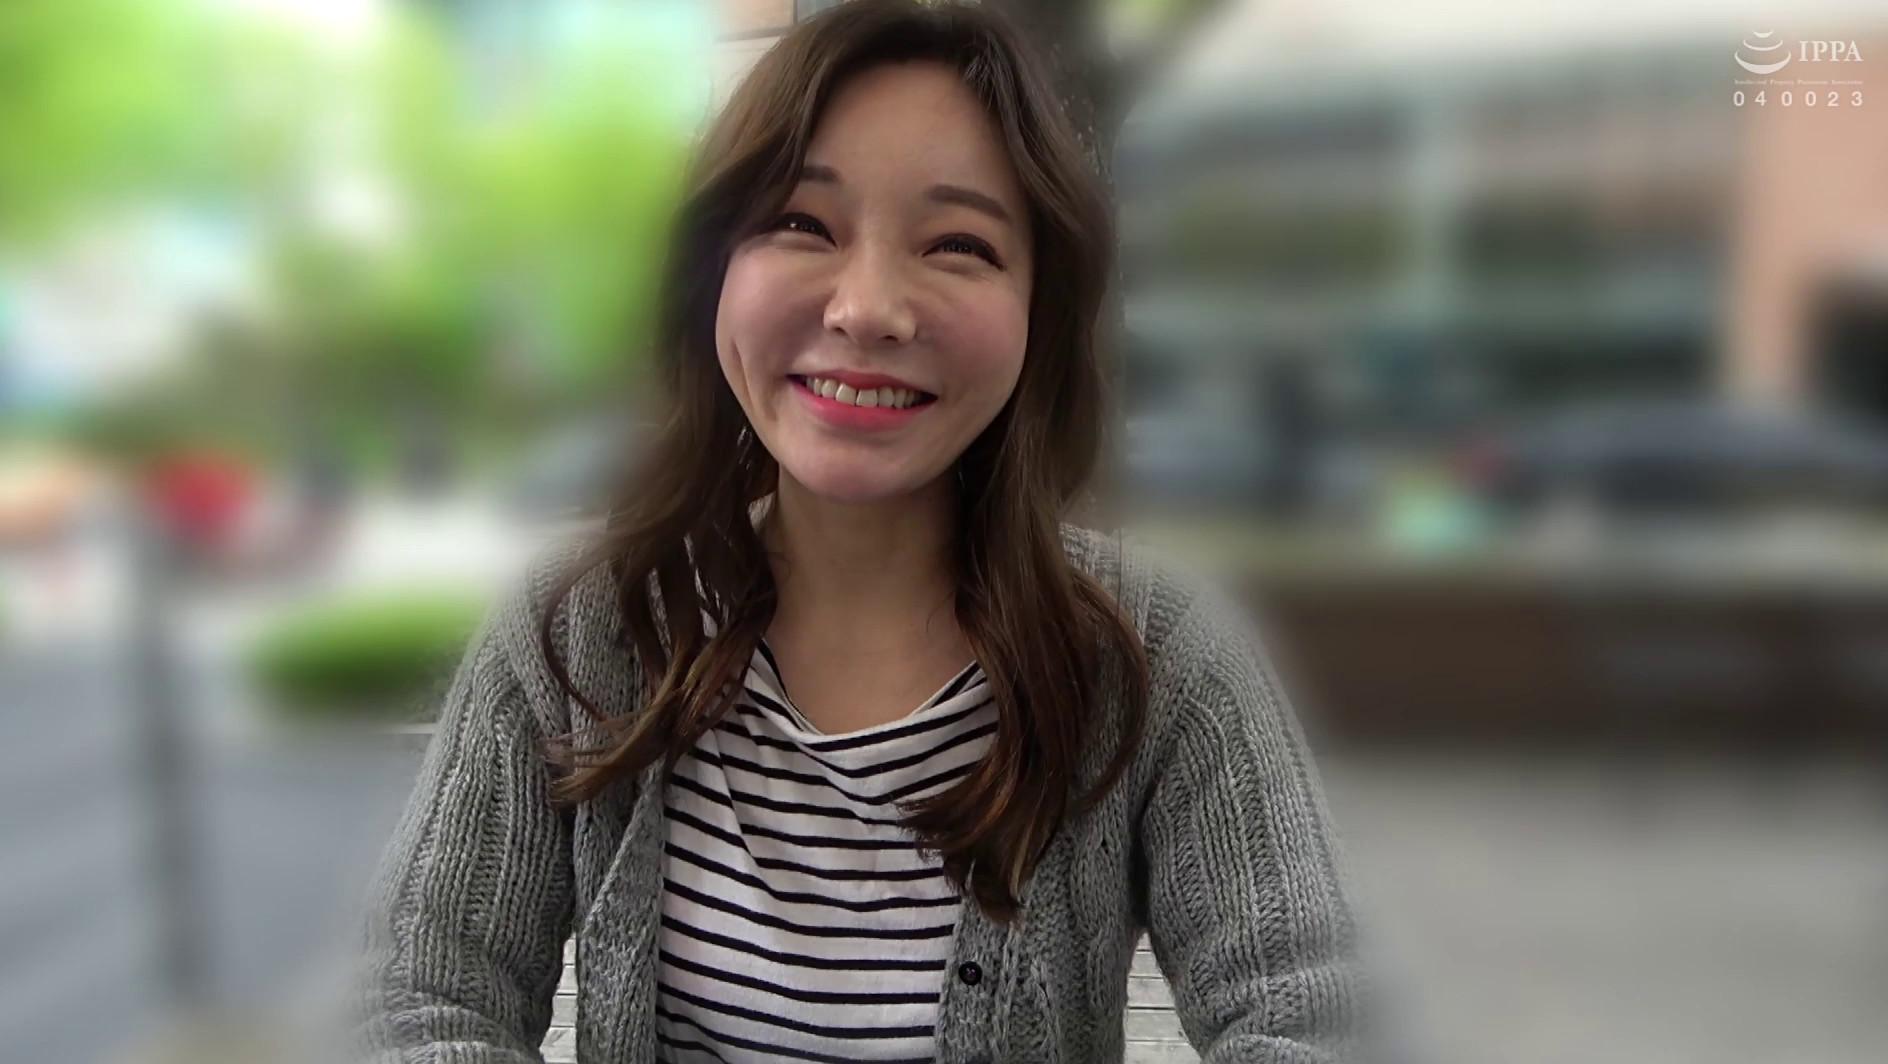 国際セックスへの執念!奇跡的にSNSで知り合った神話級韓流娘と韓国で待ち合わせてオフパコ!韓国現地女子シアちゃん&ジンちゃんのセックスがスゴい・・・ 画像1